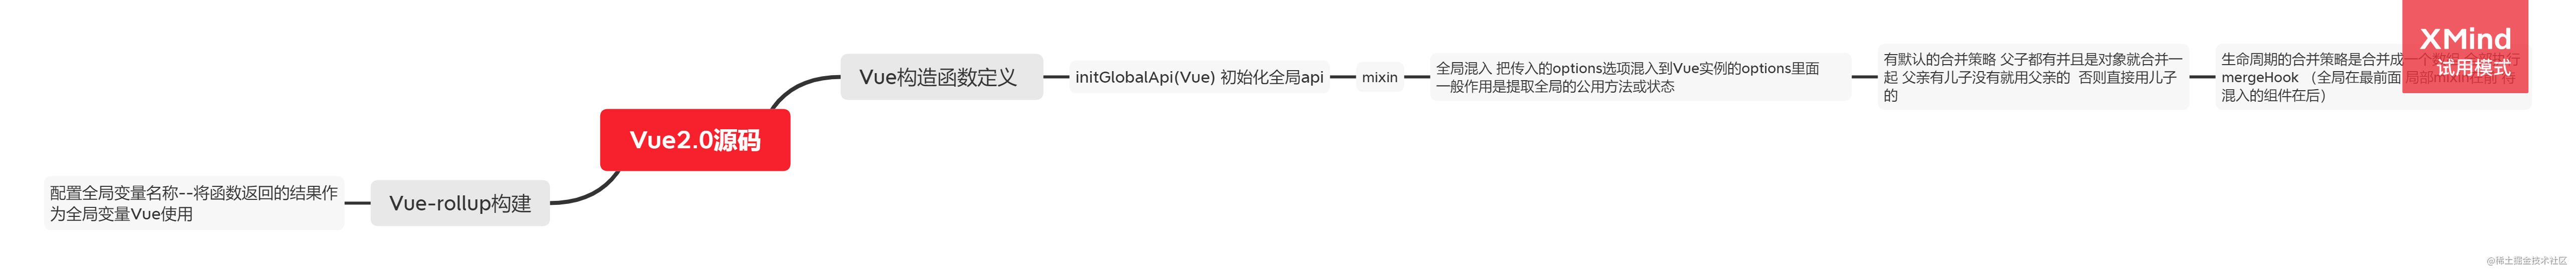 Vue2.0源码-mixin原理.png